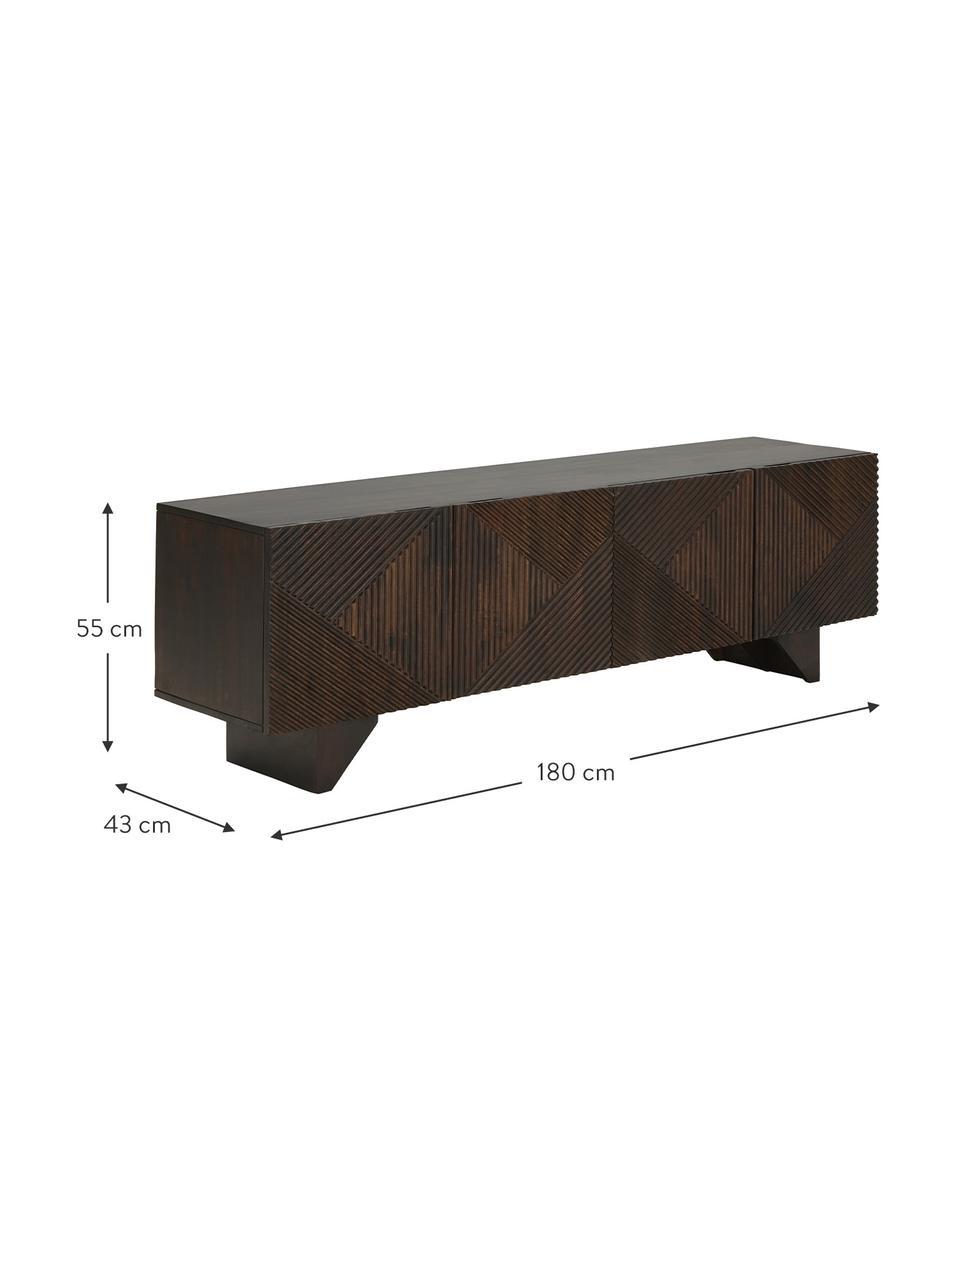 Tv-meubel Louis van massief mangohout met deuren, Gelakt massief mangohout, Mangohout, 180 x 55 cm